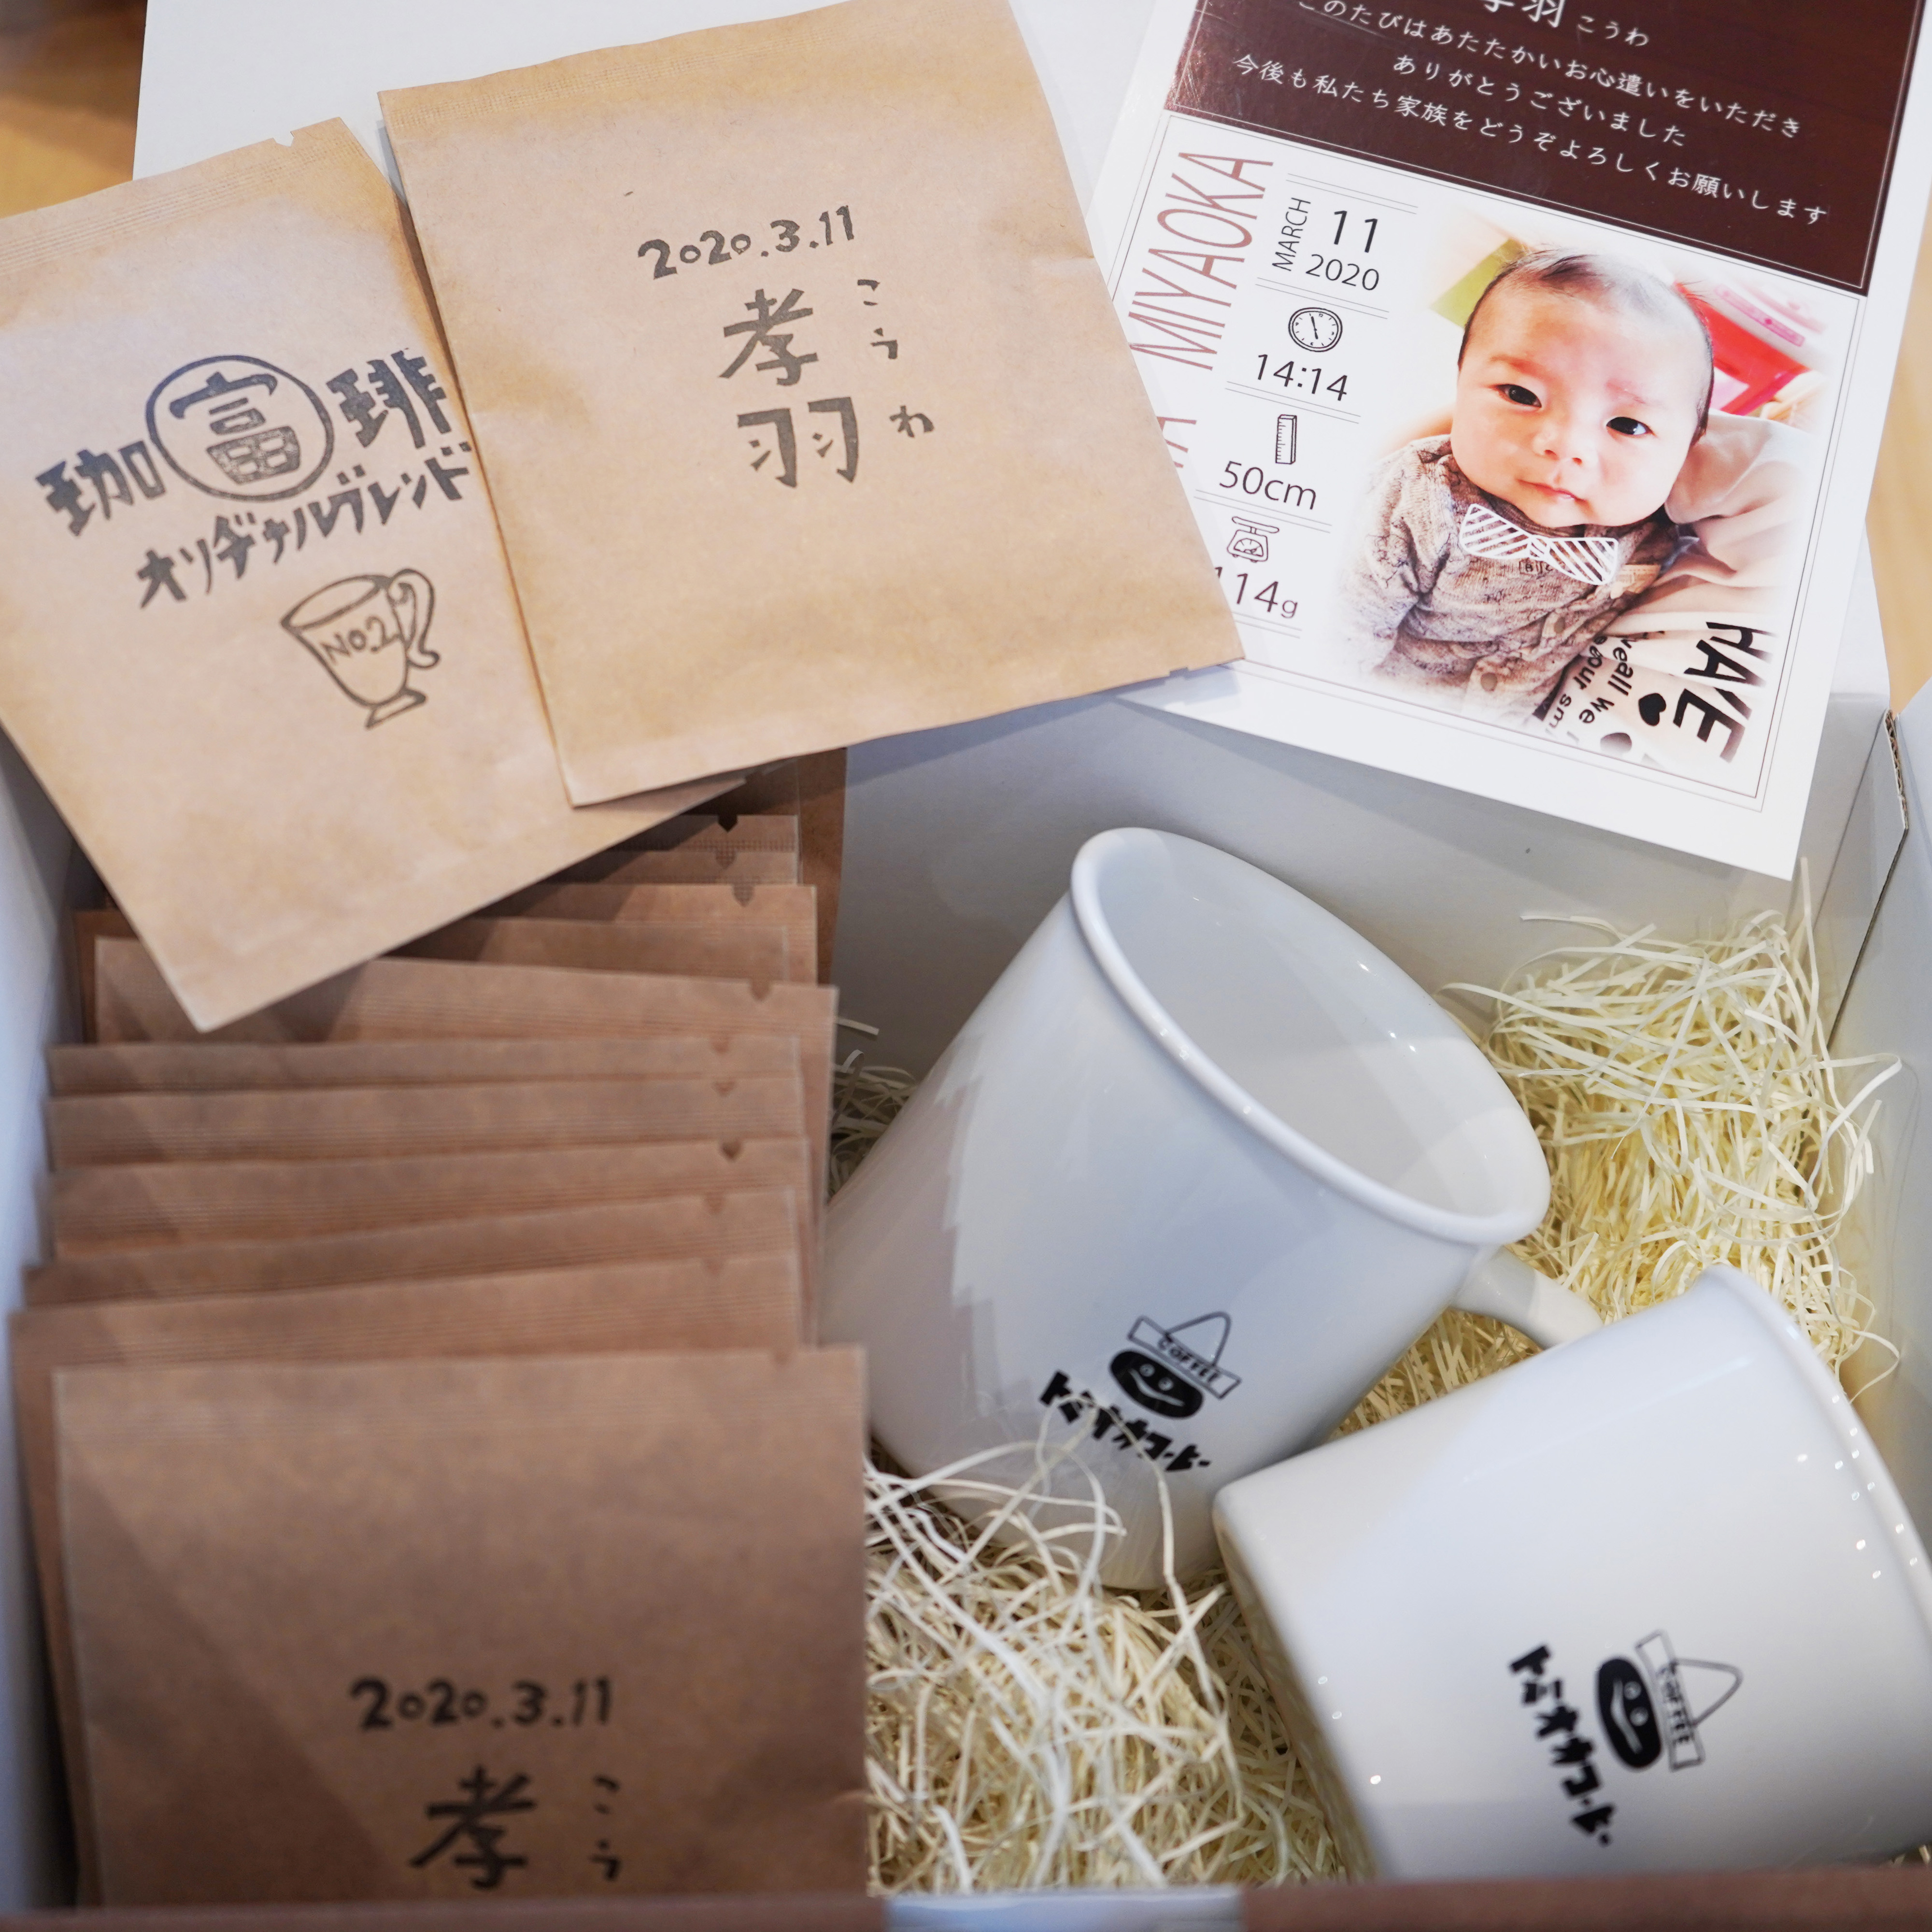 内祝いや贈り物に。富岡珈琲のオリジナルブレンド珈琲ギフト